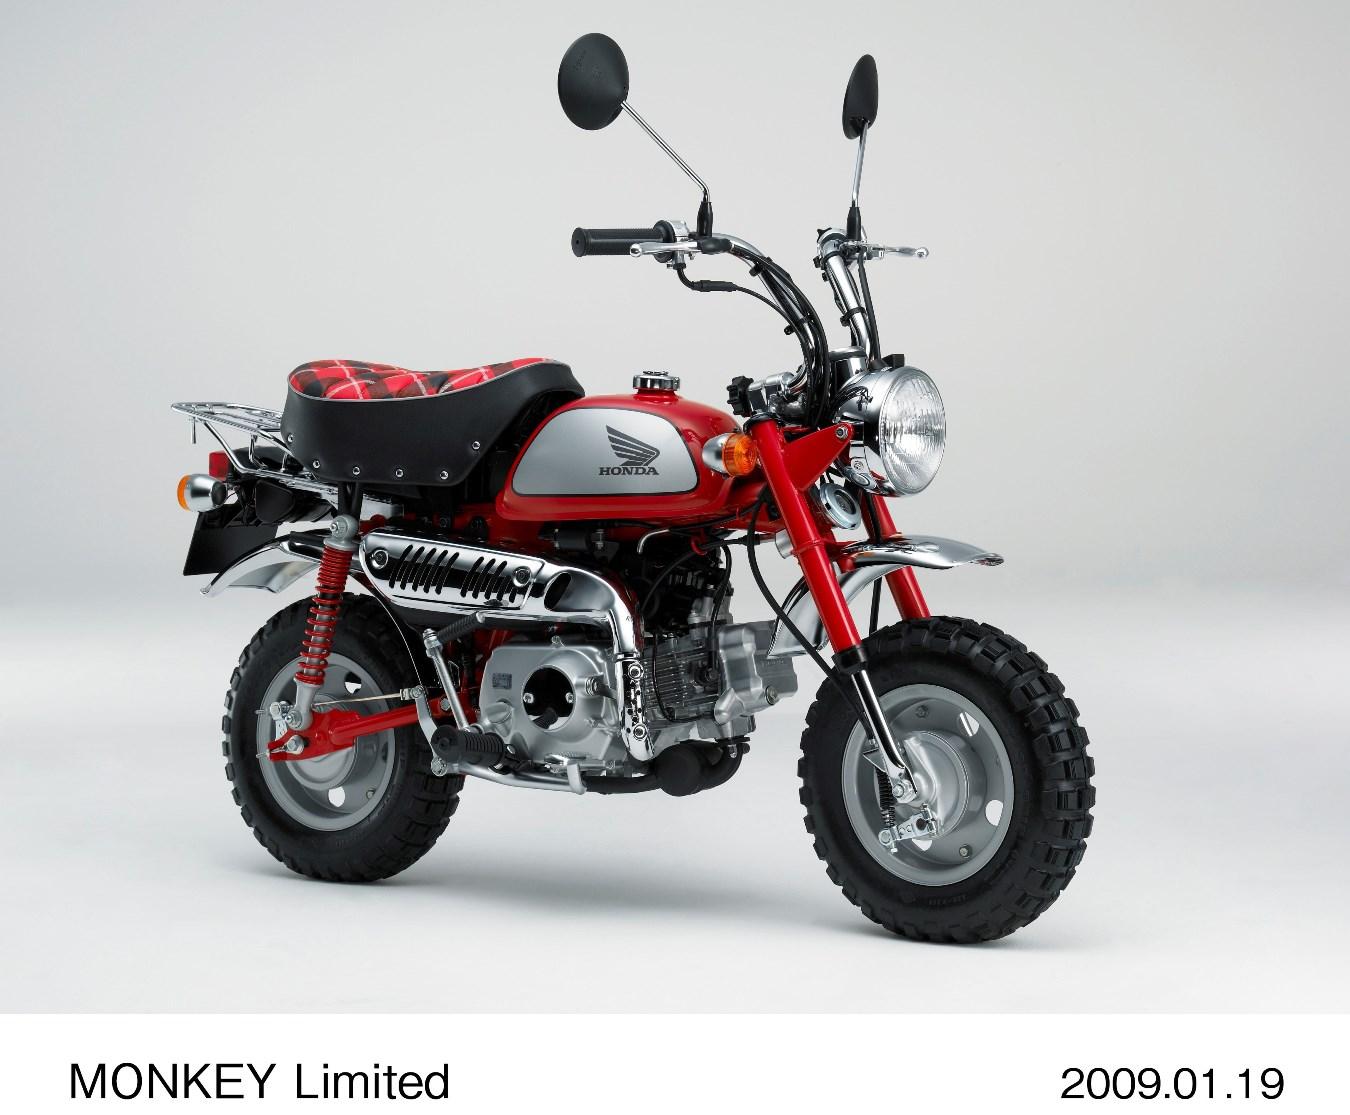 2009 - גרסה מיוחדת במהדורה מוגבלת, לראשונה עם הזרקת דלק